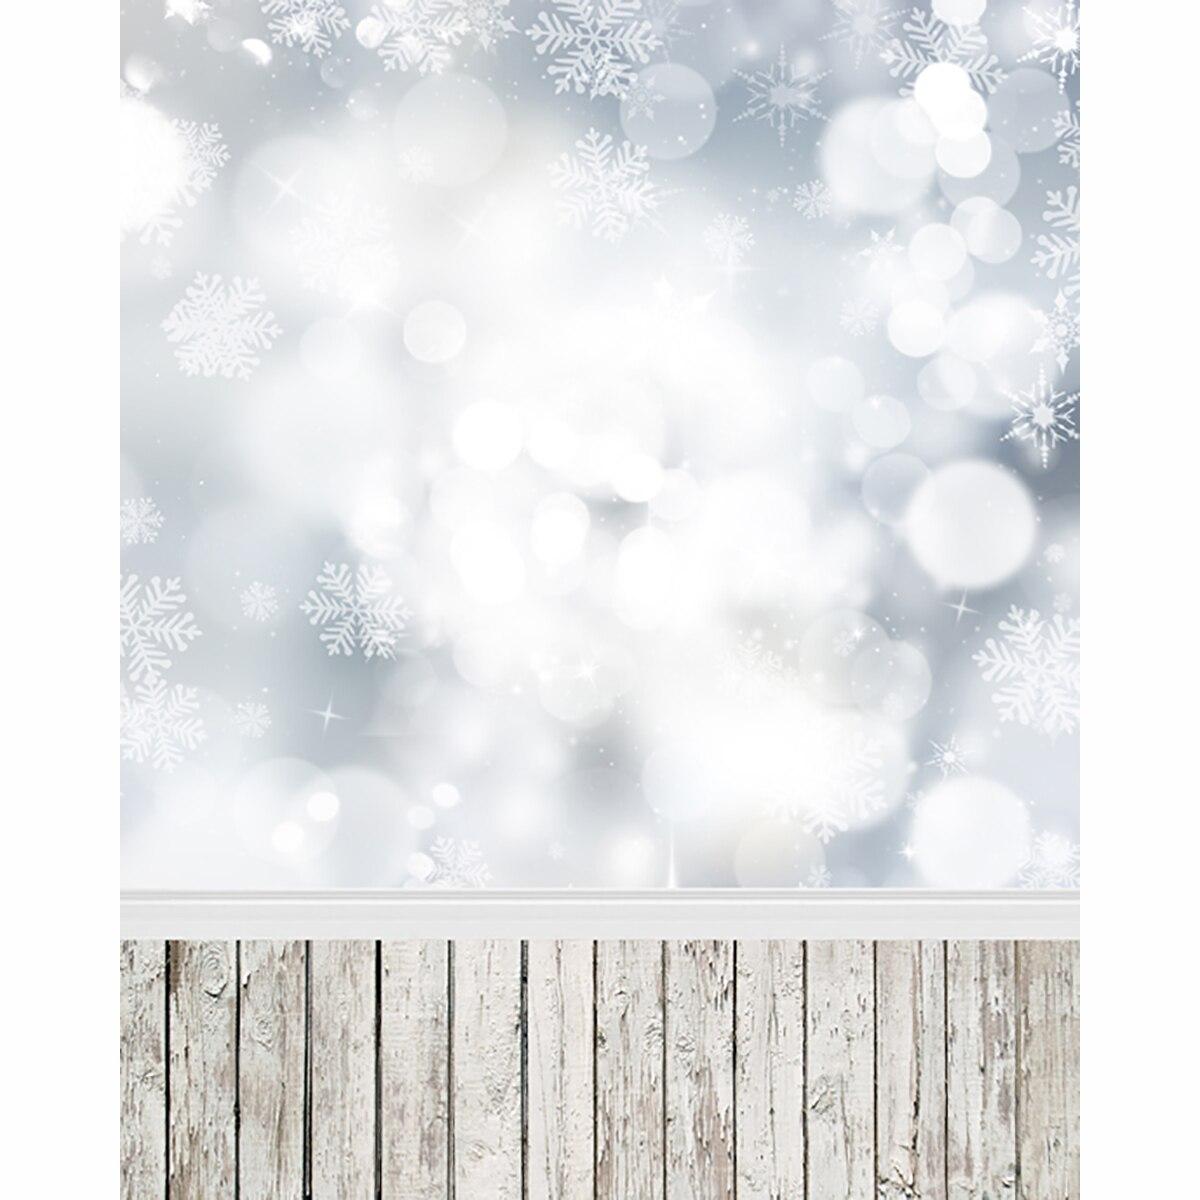 Fondos para la foto de estudio de Navidad tablero de costura diseño ...